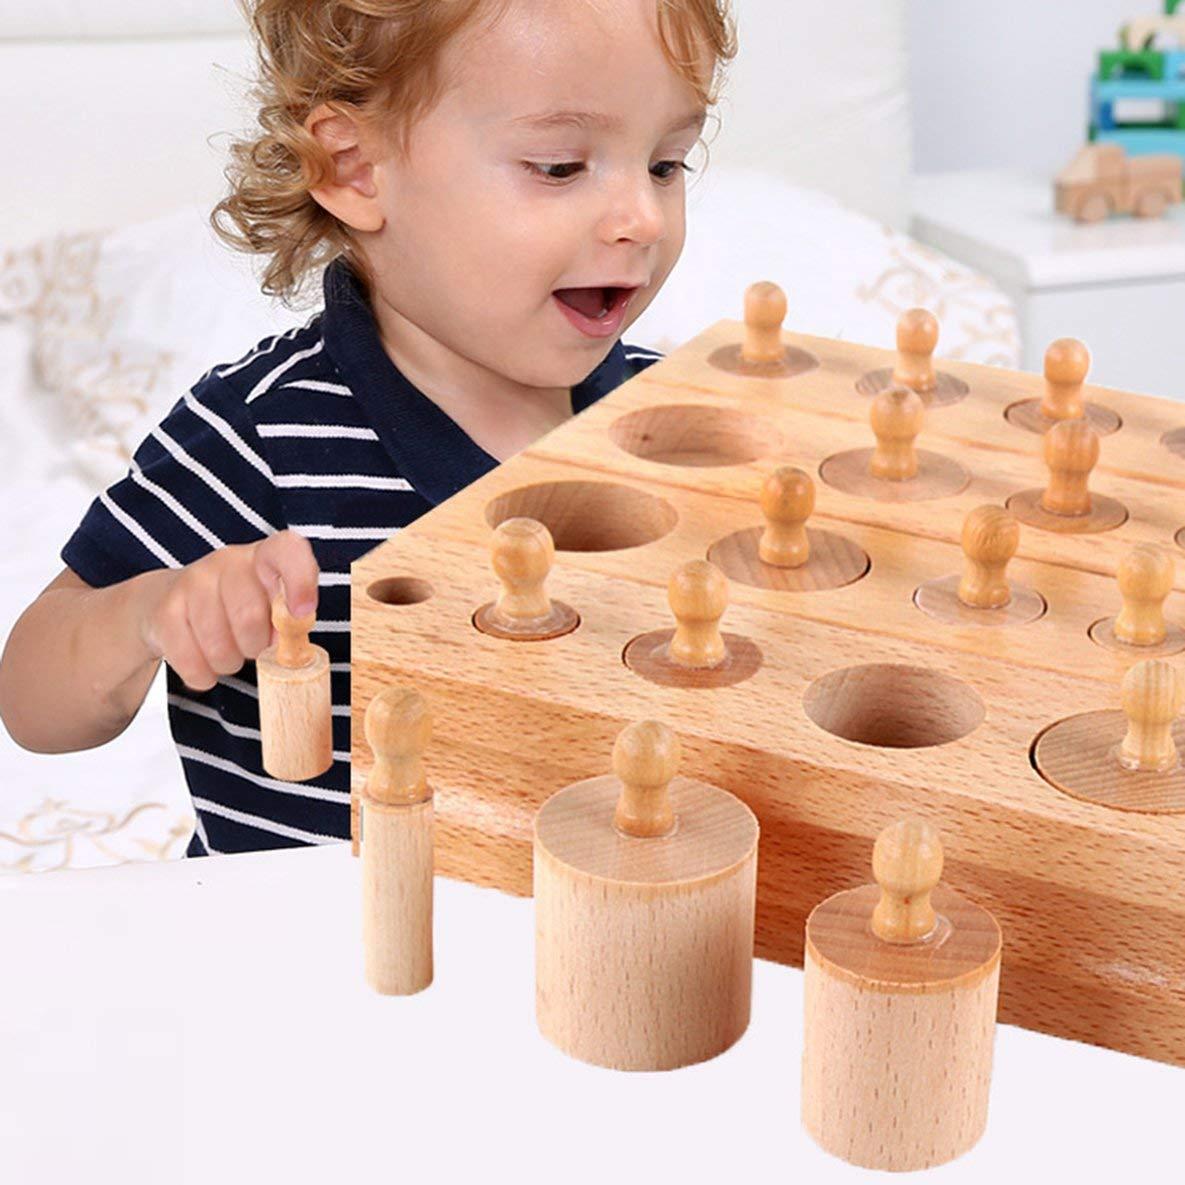 Noradtjcca Mat/ériaux Montessori Jouets Montessori Jeux /éducatifs Cylindre Blocs de Socle Jouets math/ématiques en Bois Jouets Parent-Enfant Interaction